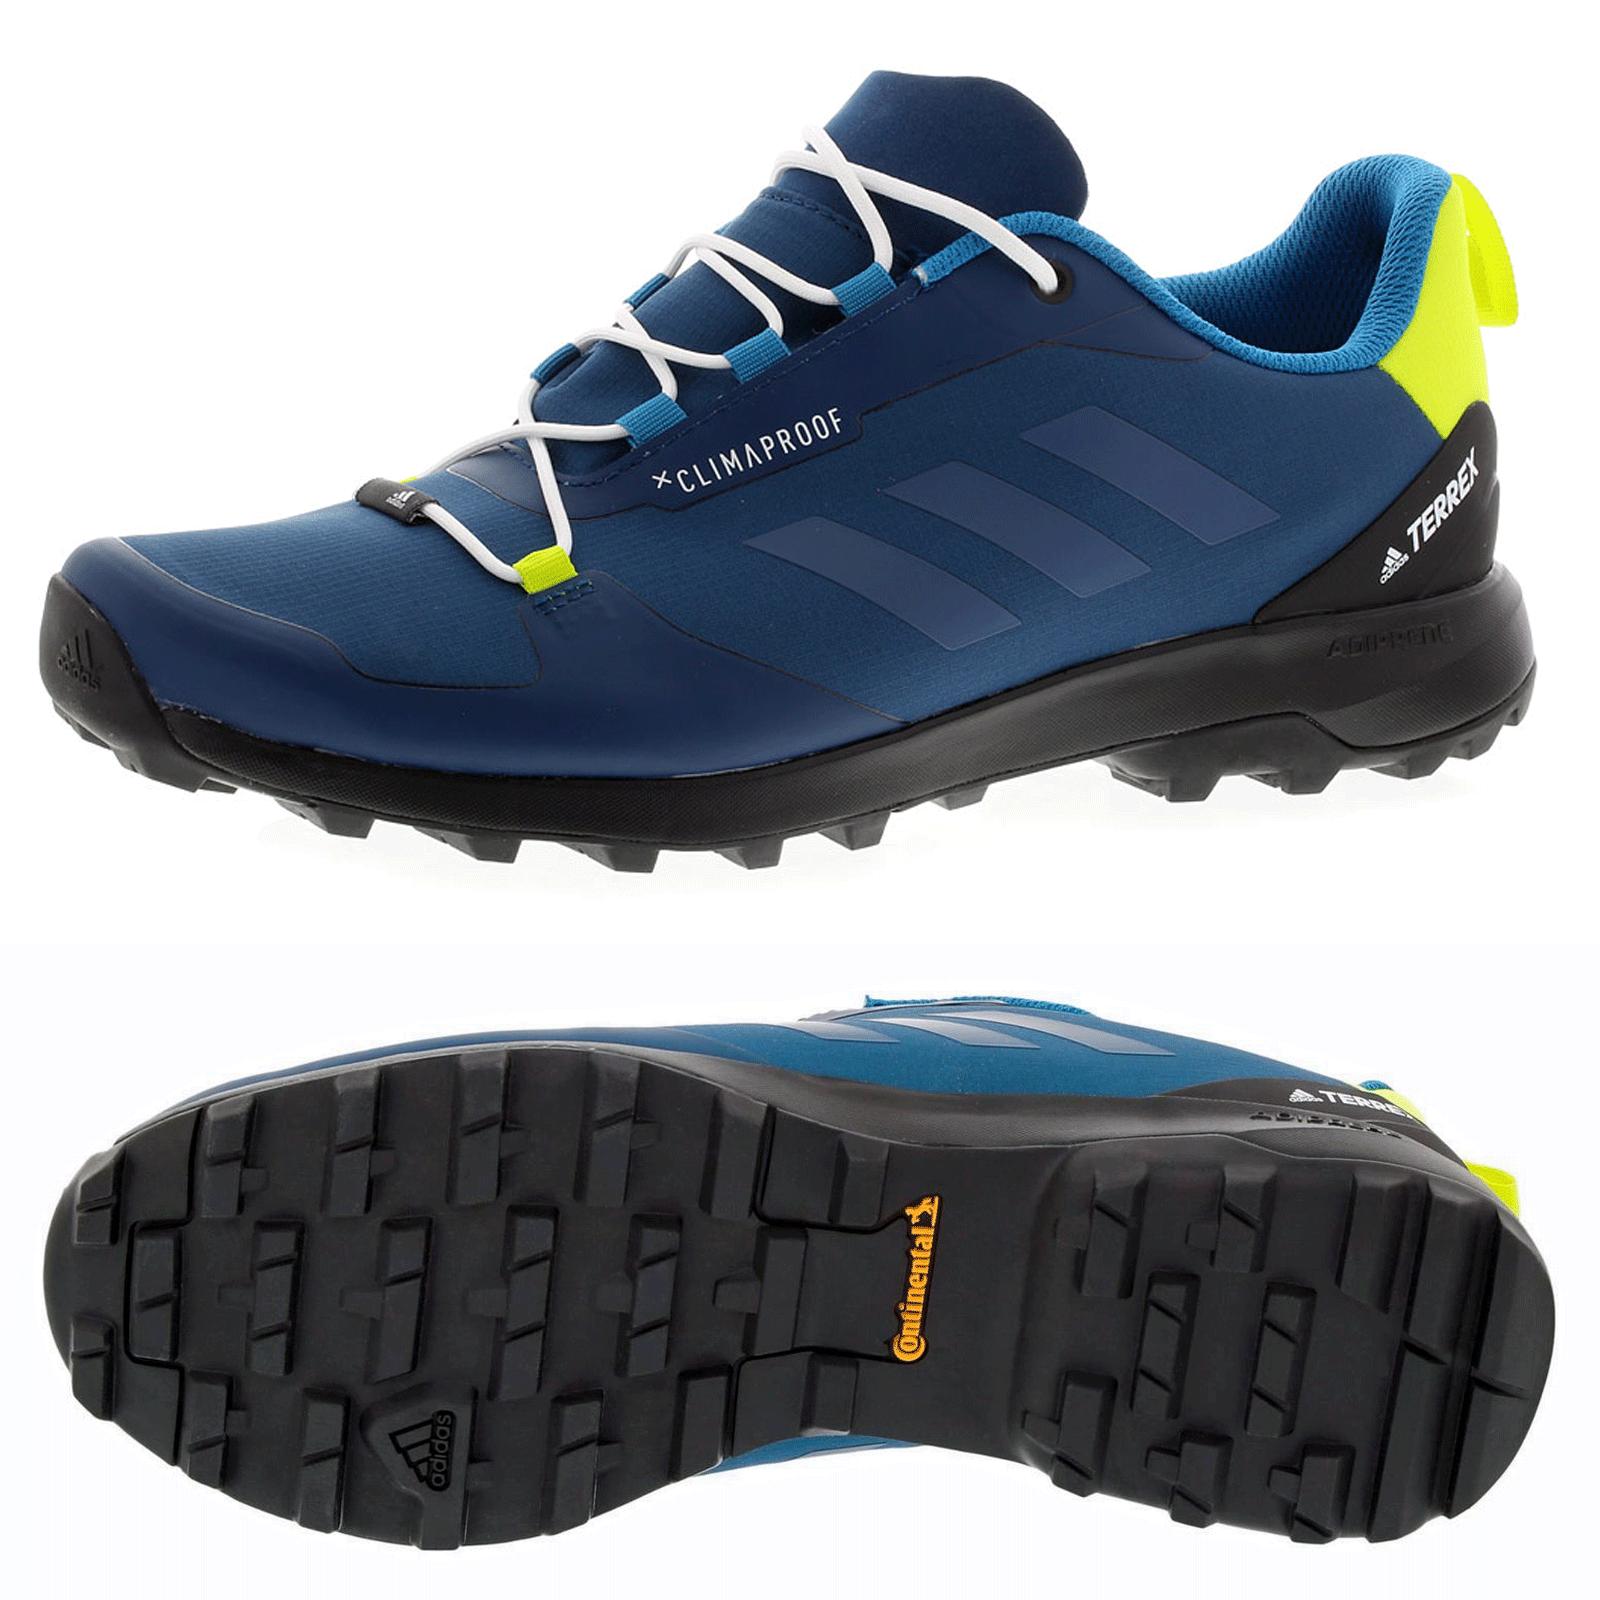 Adidas Terrex Fastshell CP Herren Berg & Wanderschuhe Outdoor Running 45 Neu  | Qualität und Verbraucher an erster Stelle